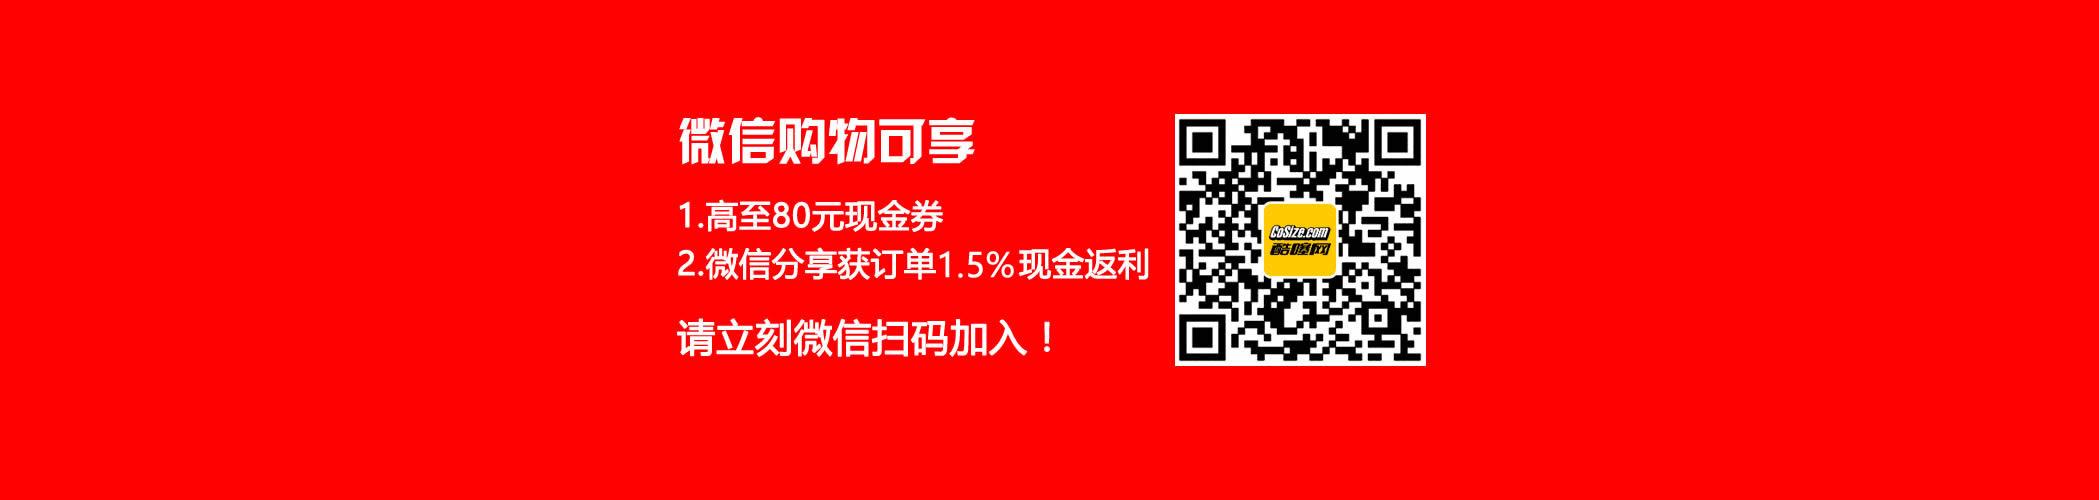 微信购物,可享受现金券、分享红包优惠!